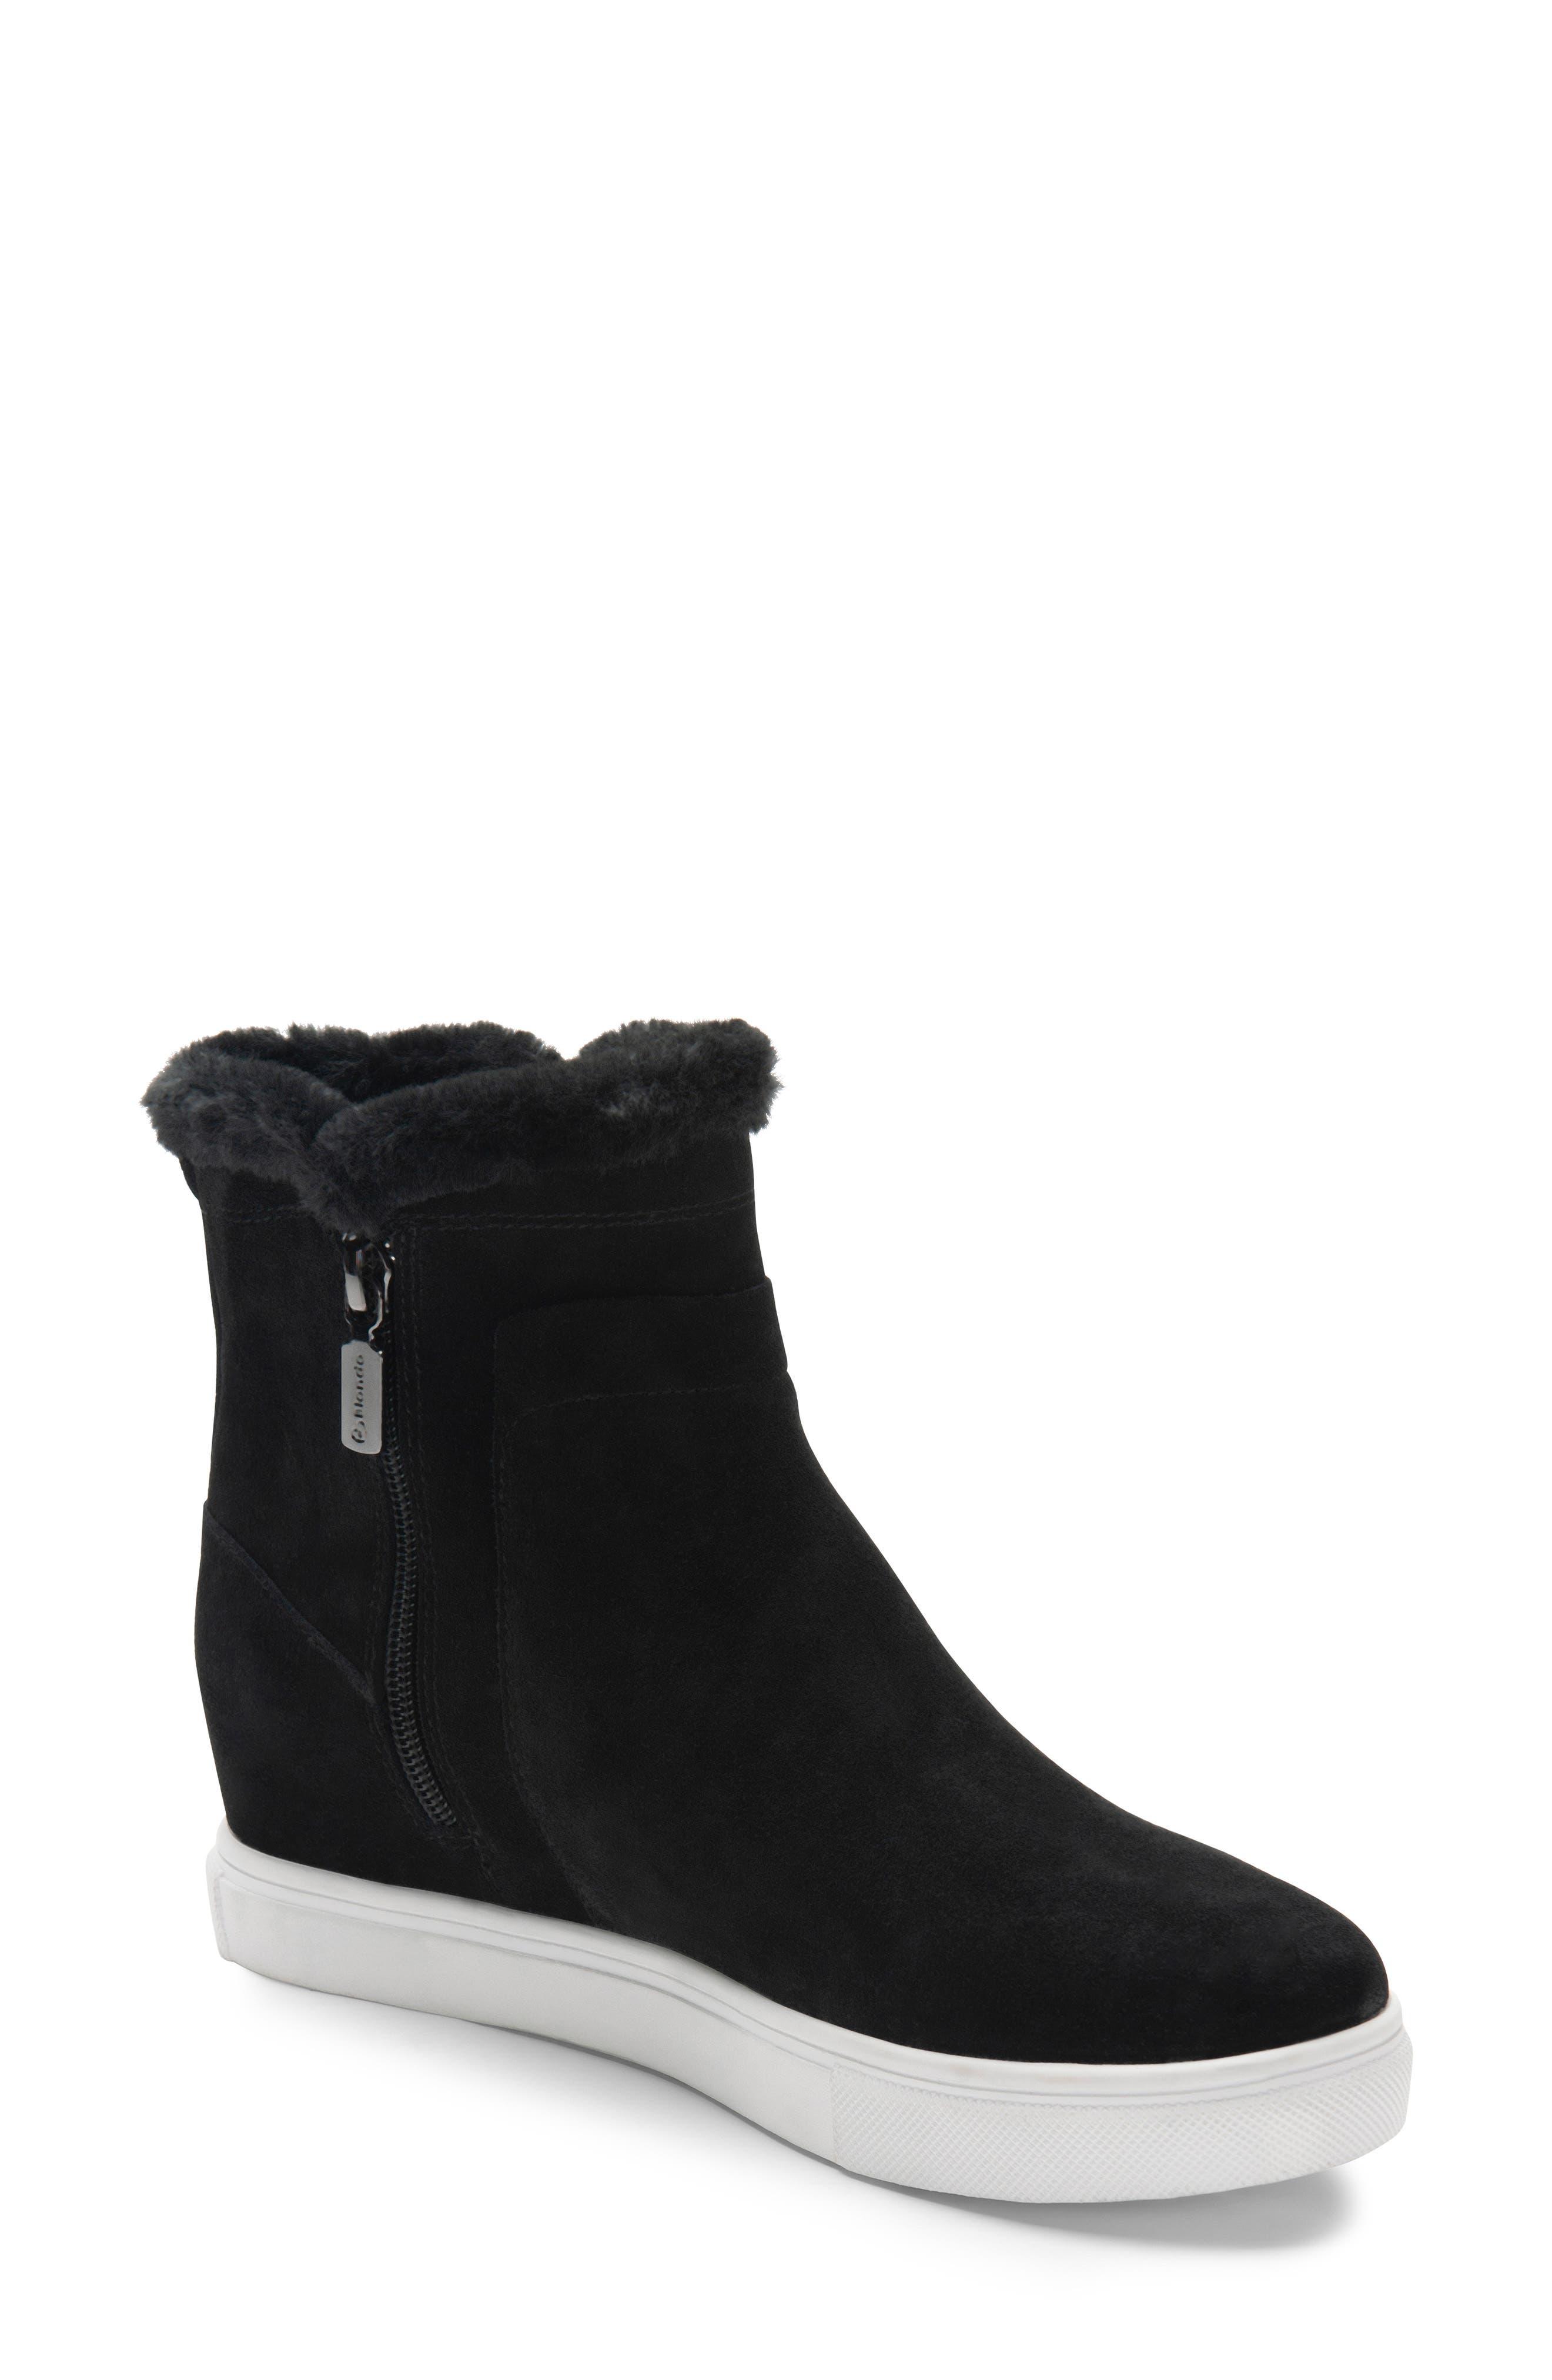 Blondo Glade Waterproof Sneaker, Black